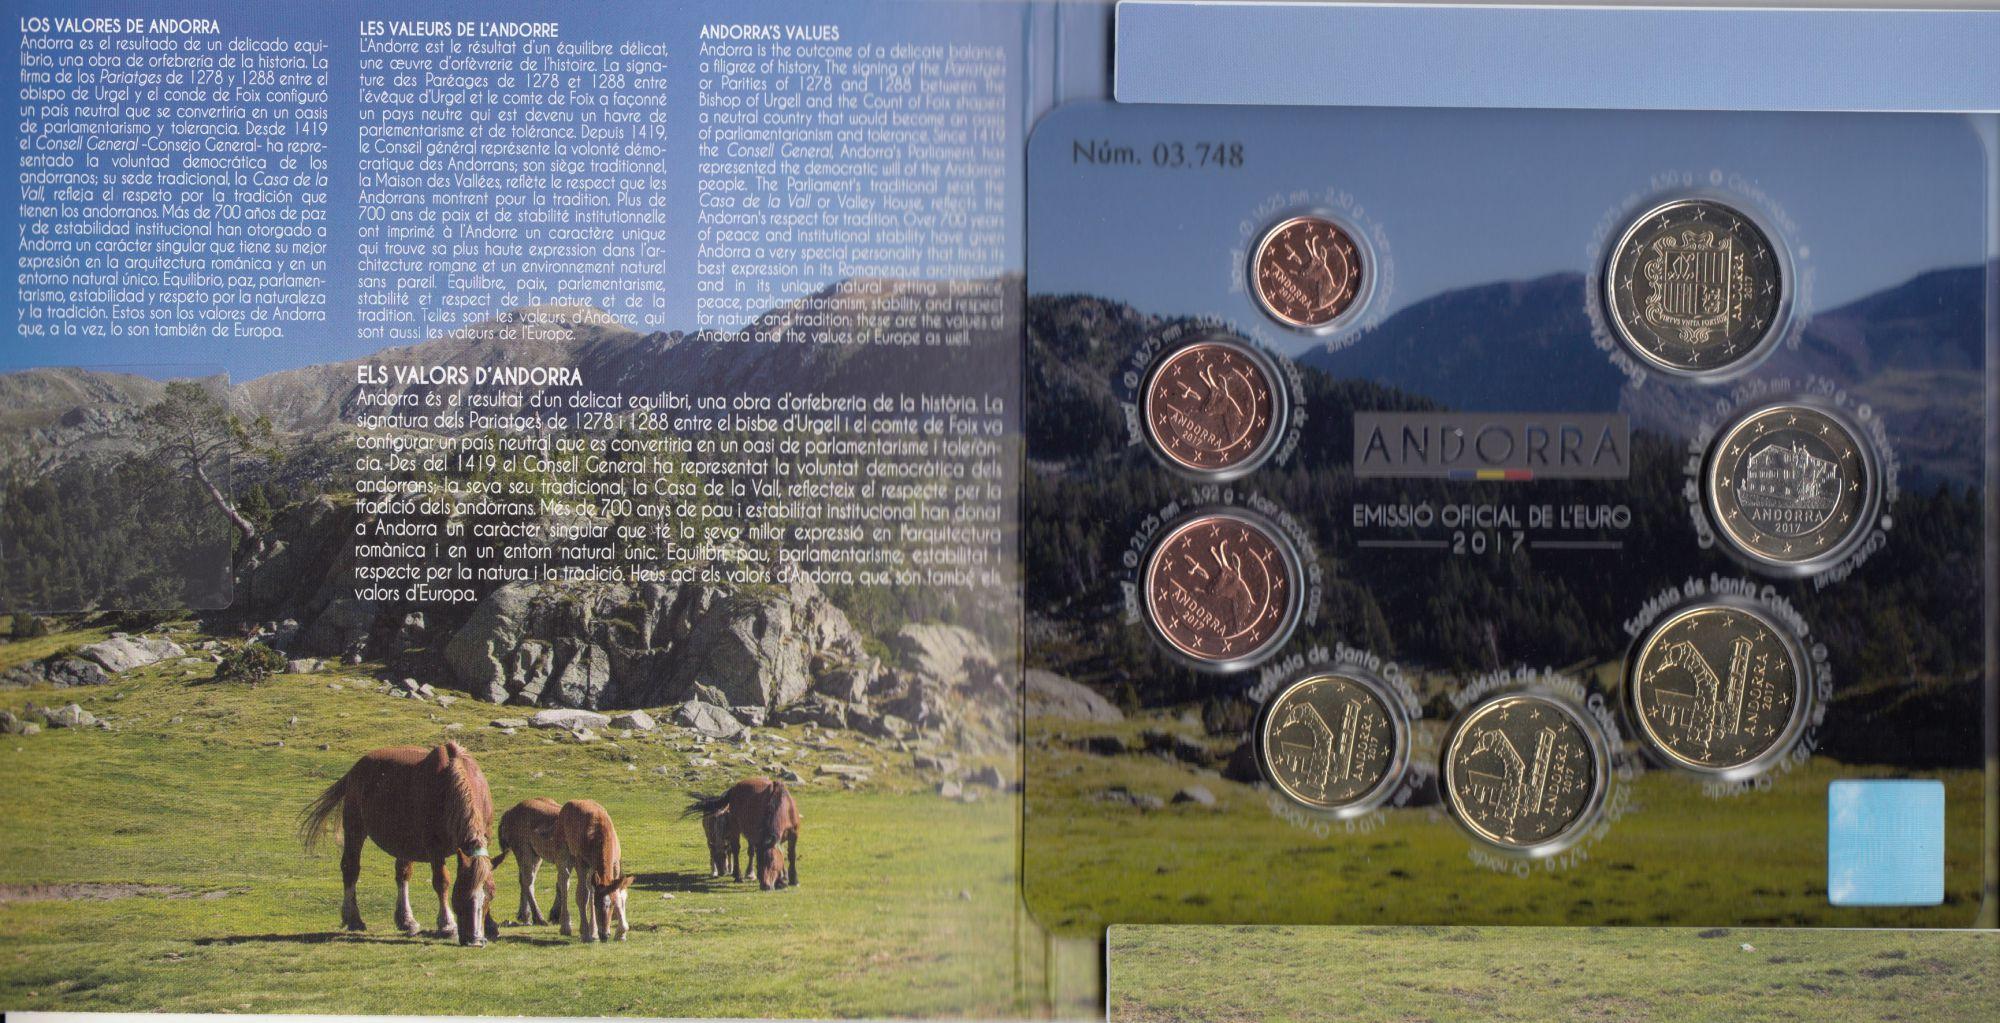 Andorre Coffret BU Andorra 2017 -  8 pièces